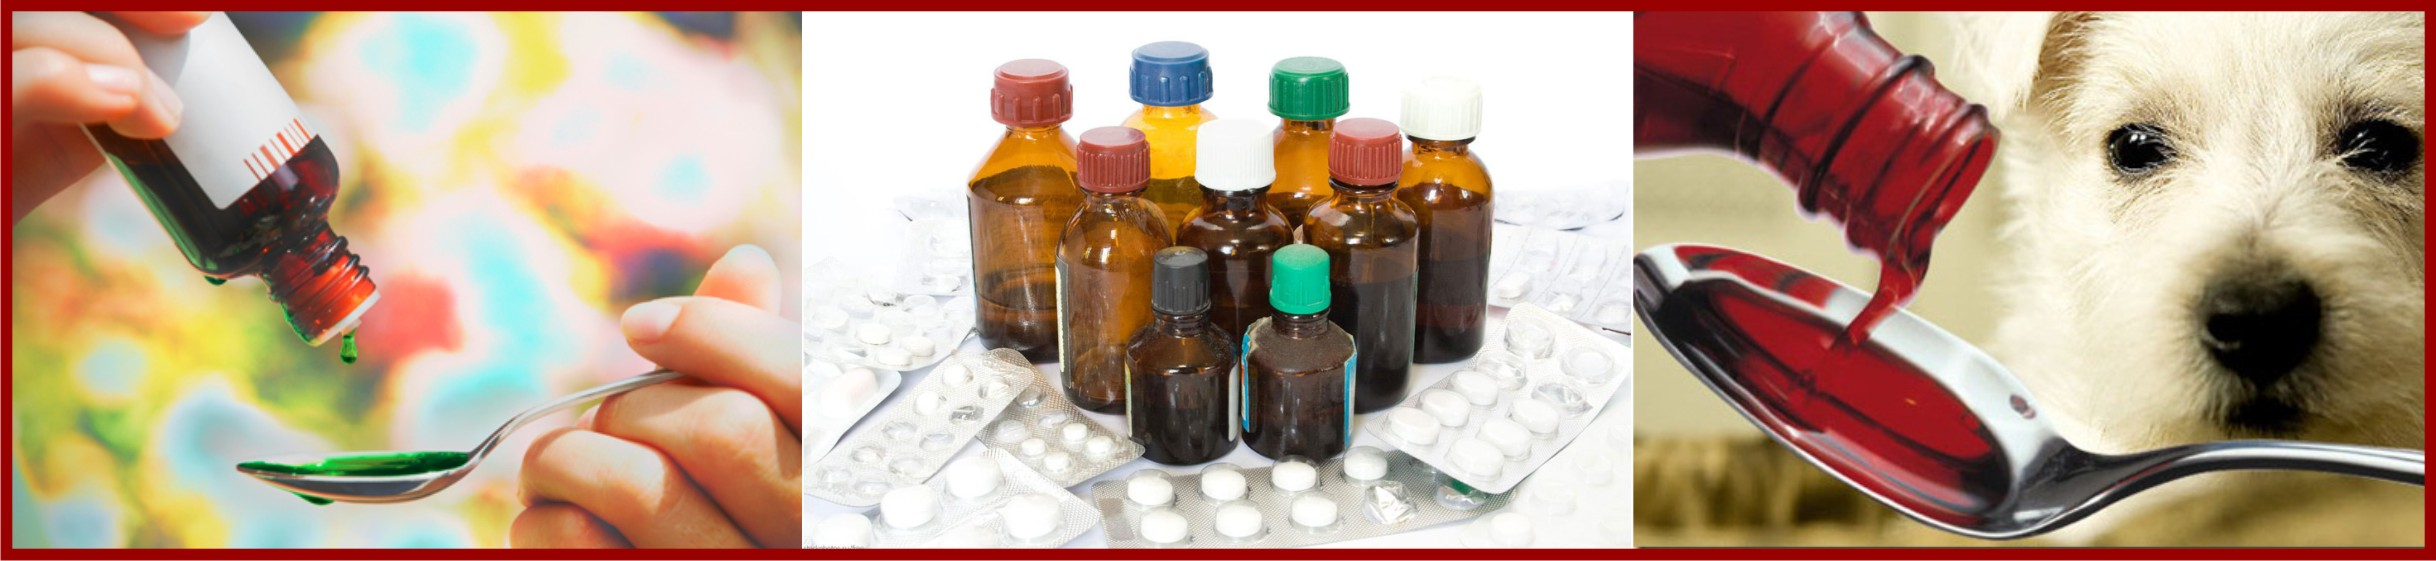 3 картинки лекарства1